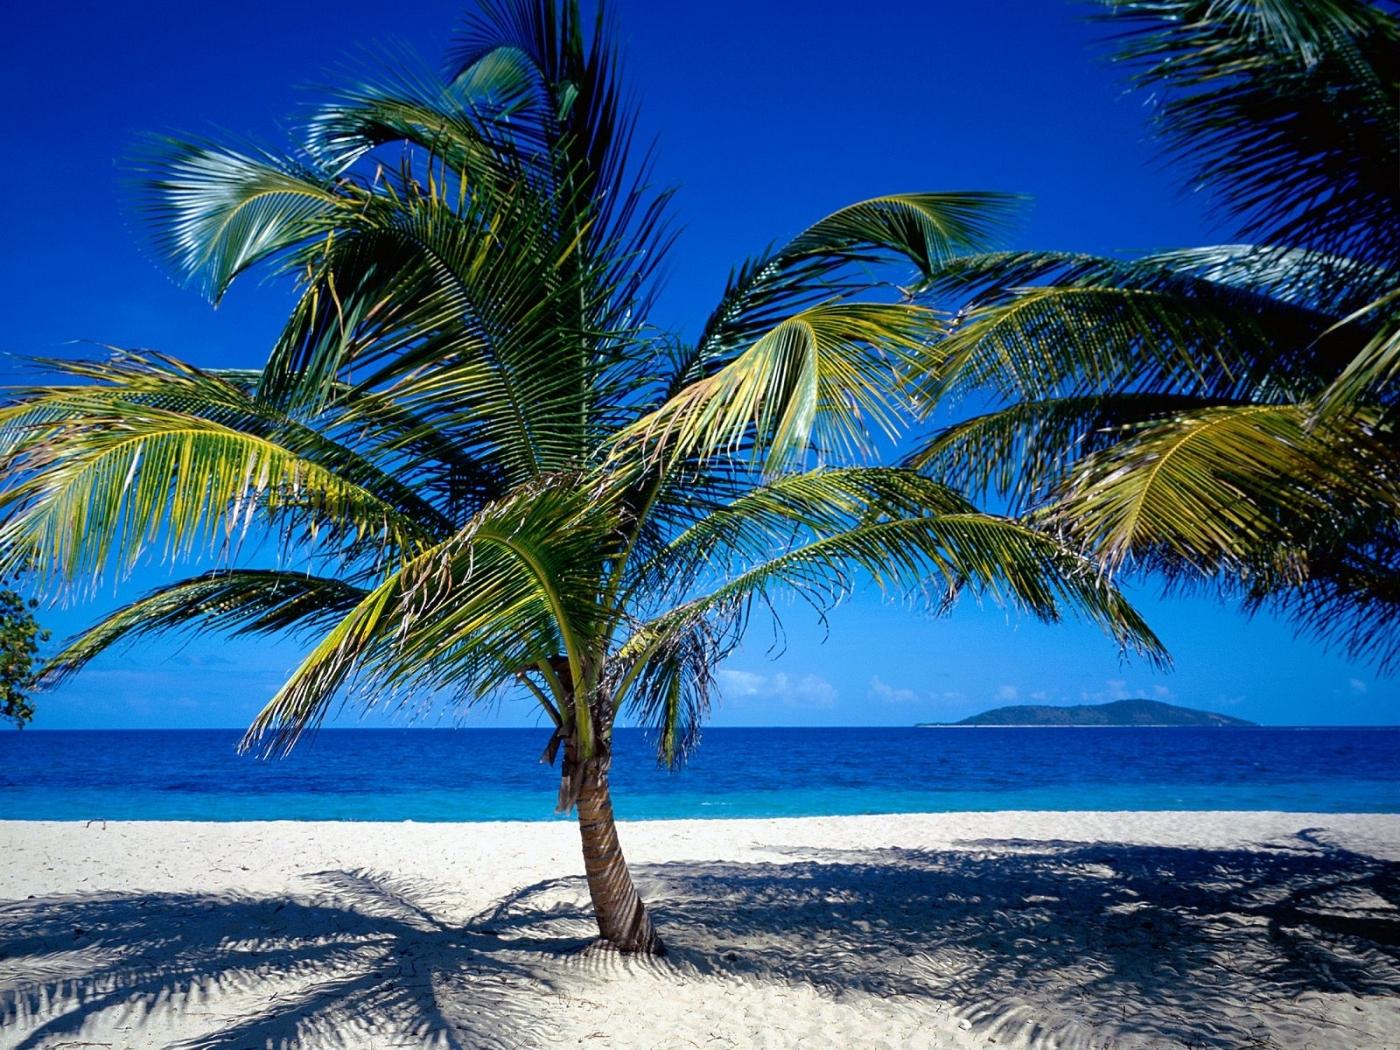 45752壁紙のダウンロード風景, 海, ビーチ, パームス-スクリーンセーバーと写真を無料で